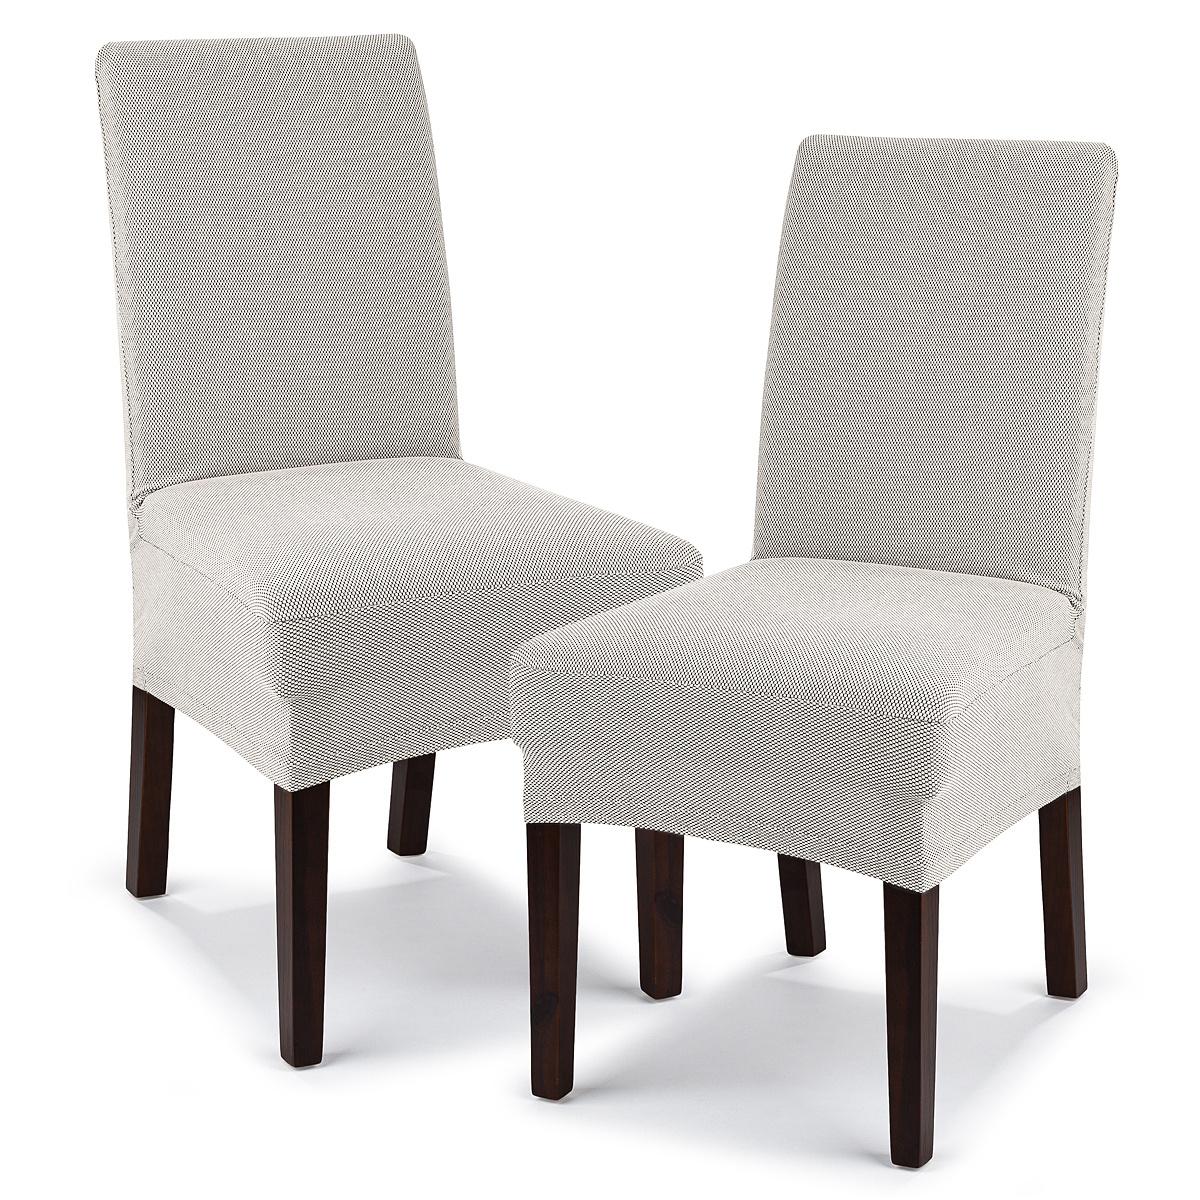 4Home Pokrowiec multielastyczny na krzesło Comfort cream, 40 - 50 cm, 2 szt.